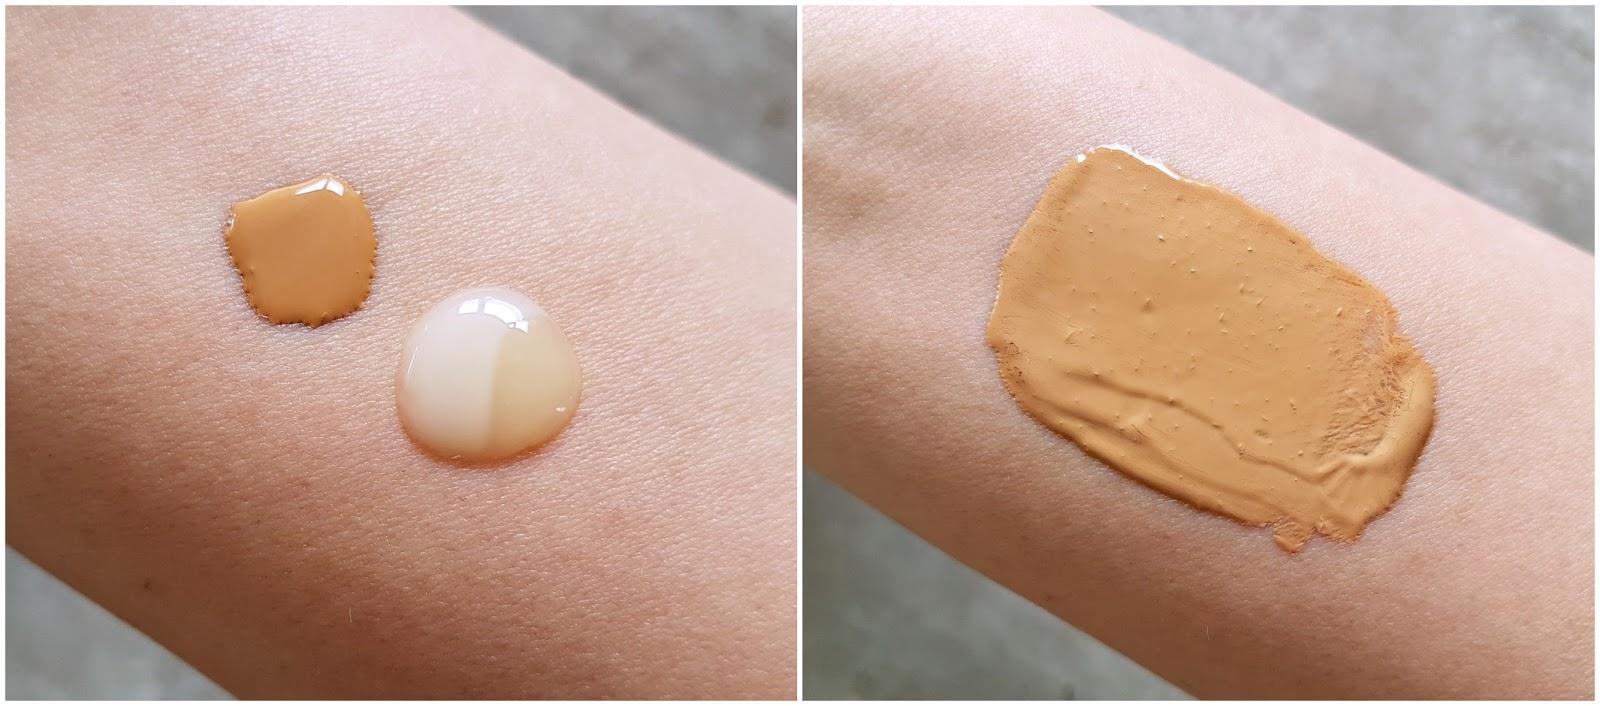 Beau Ty Pe Im Test Clinique Biy Pigment Drops